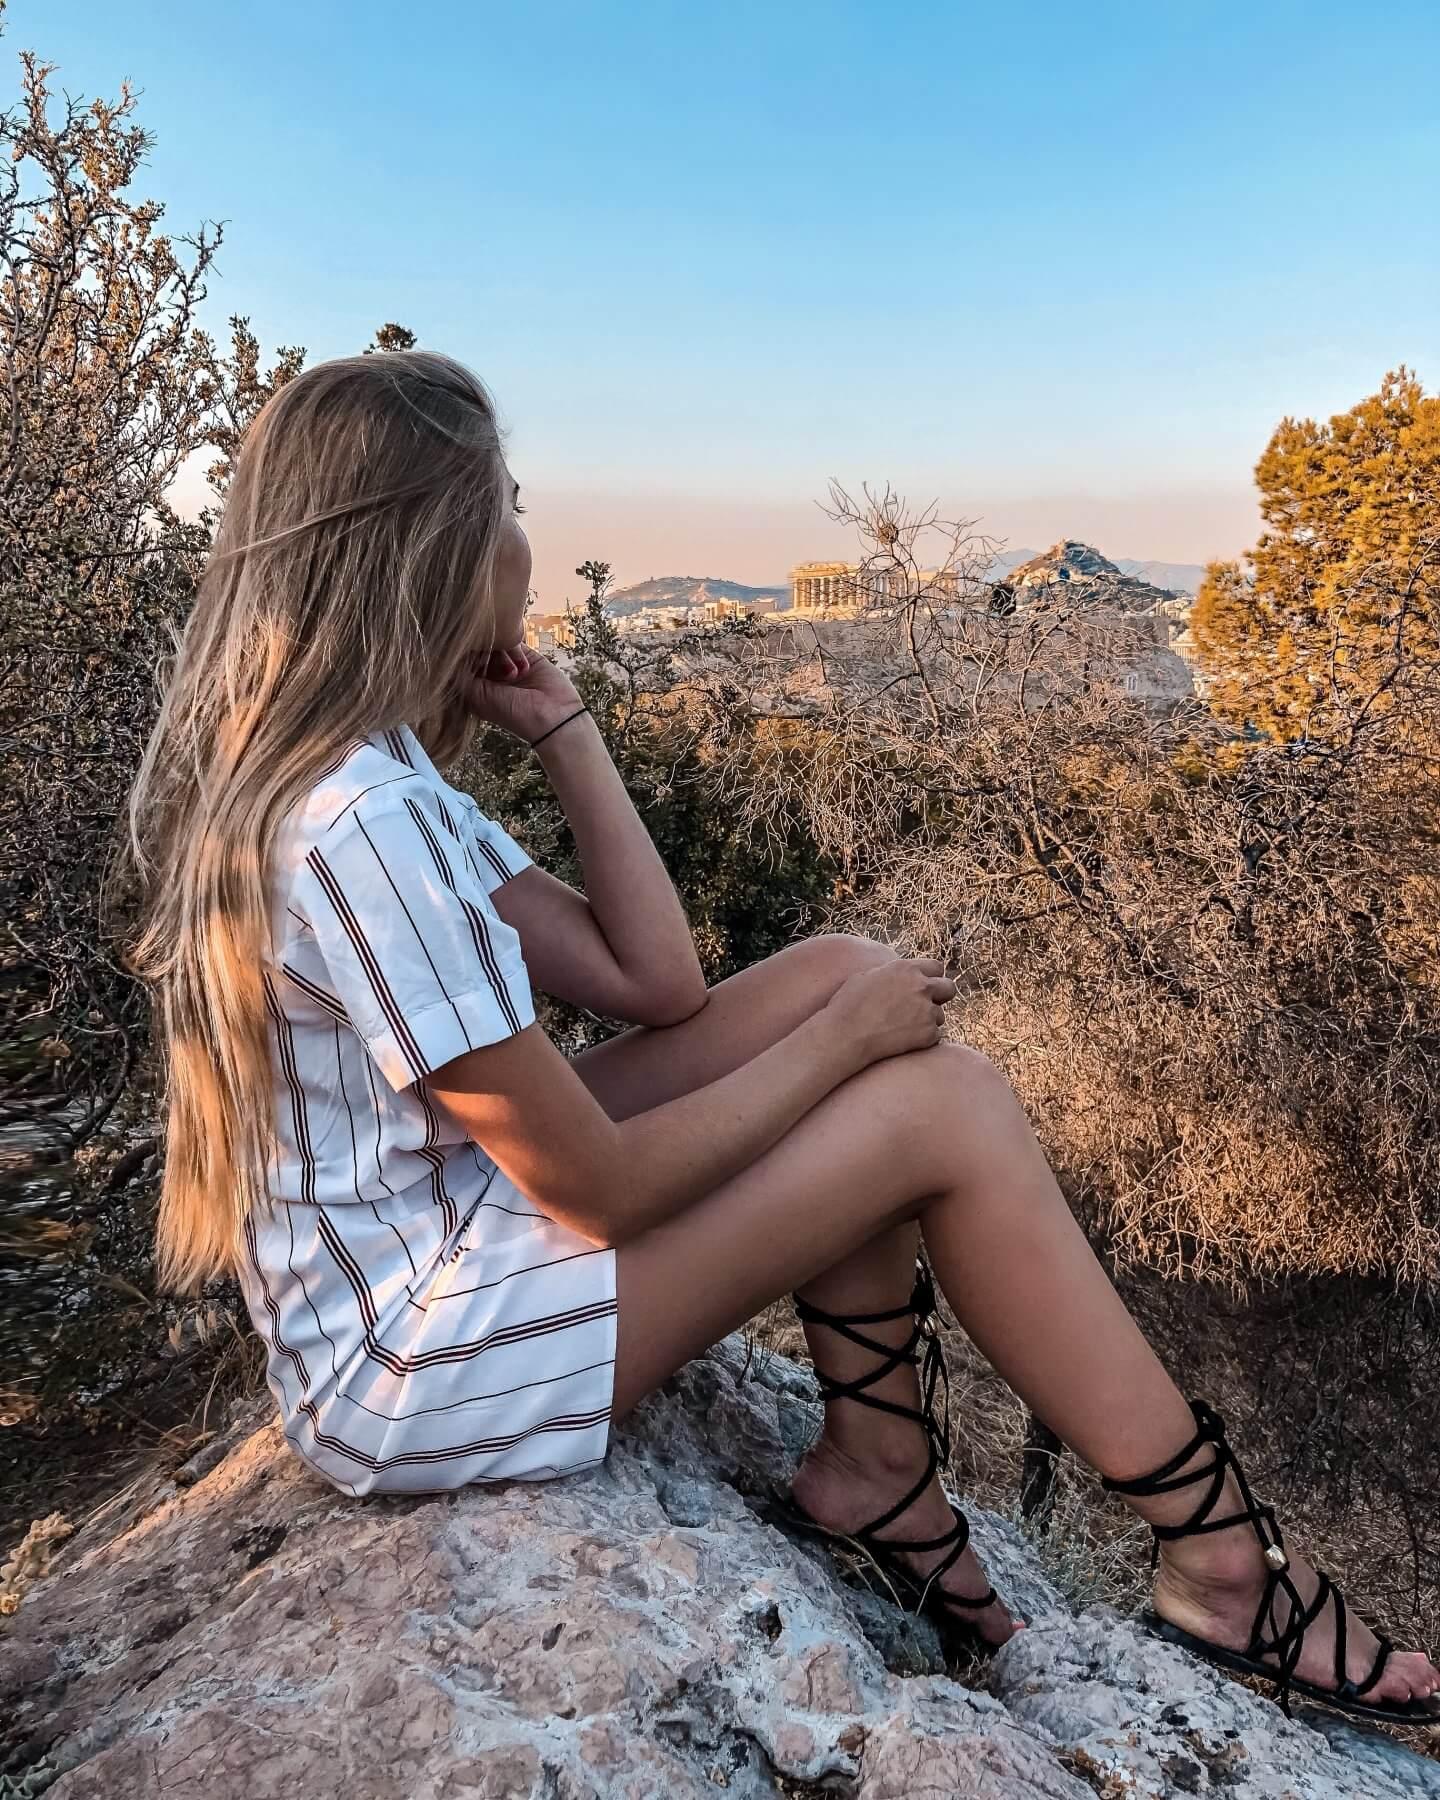 Athen Tipps, Urlaub, Travel Guide, 10